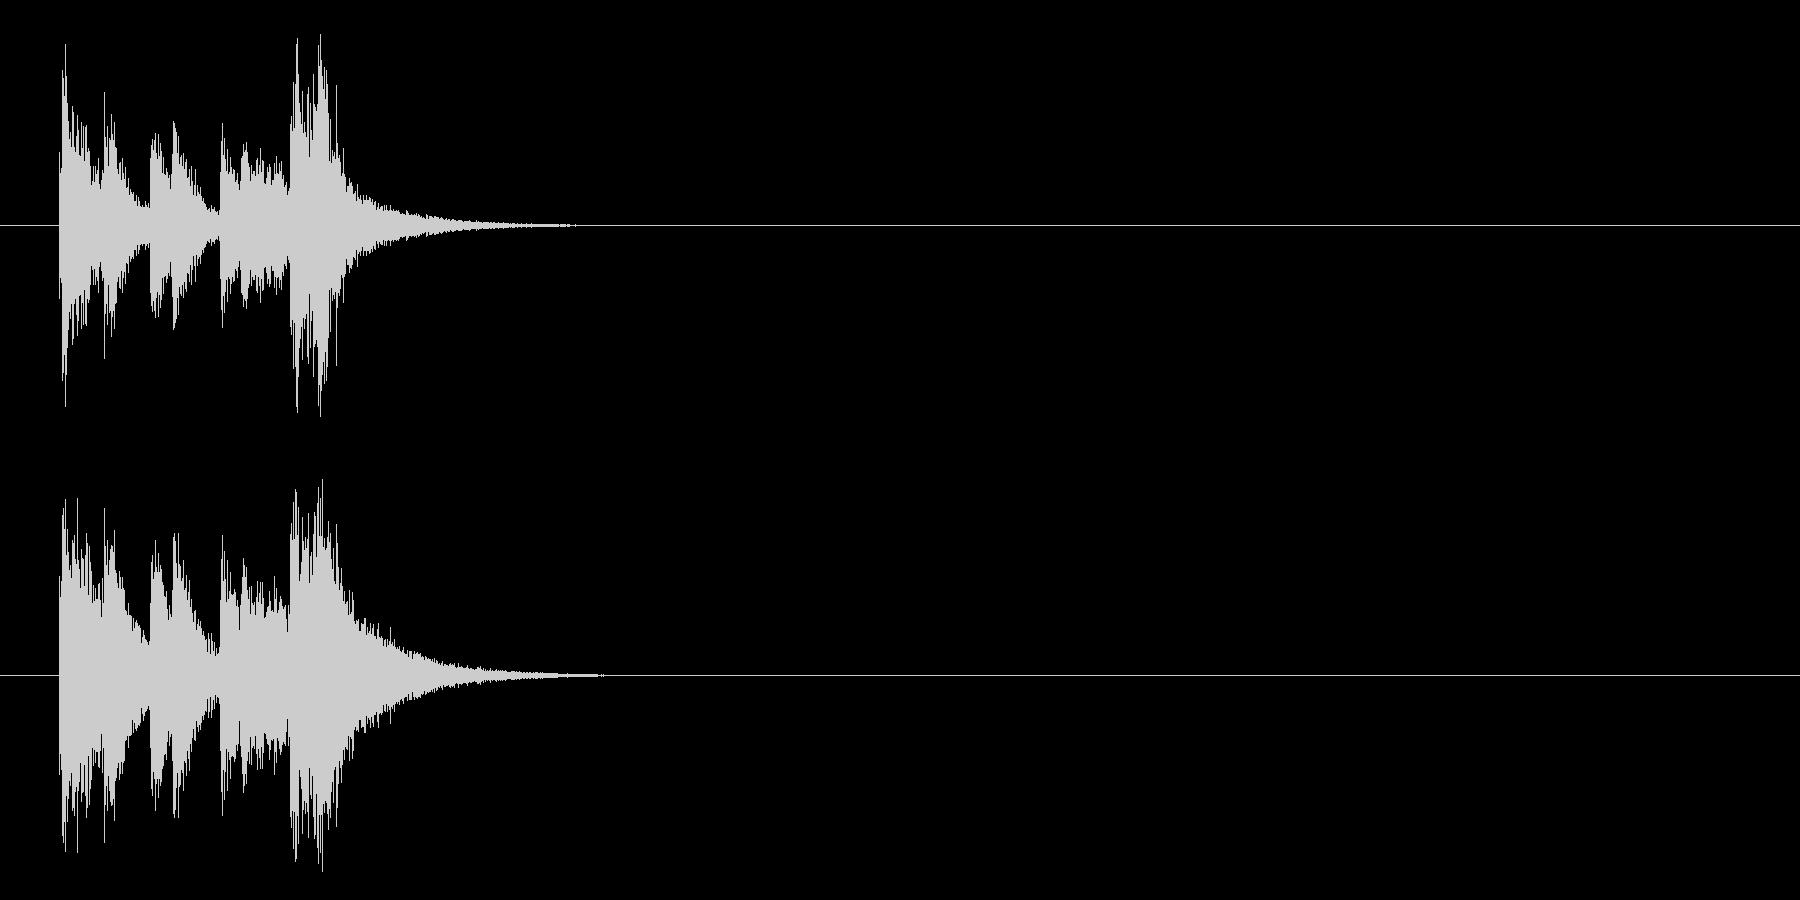 キュー・アタック系ジングルの未再生の波形